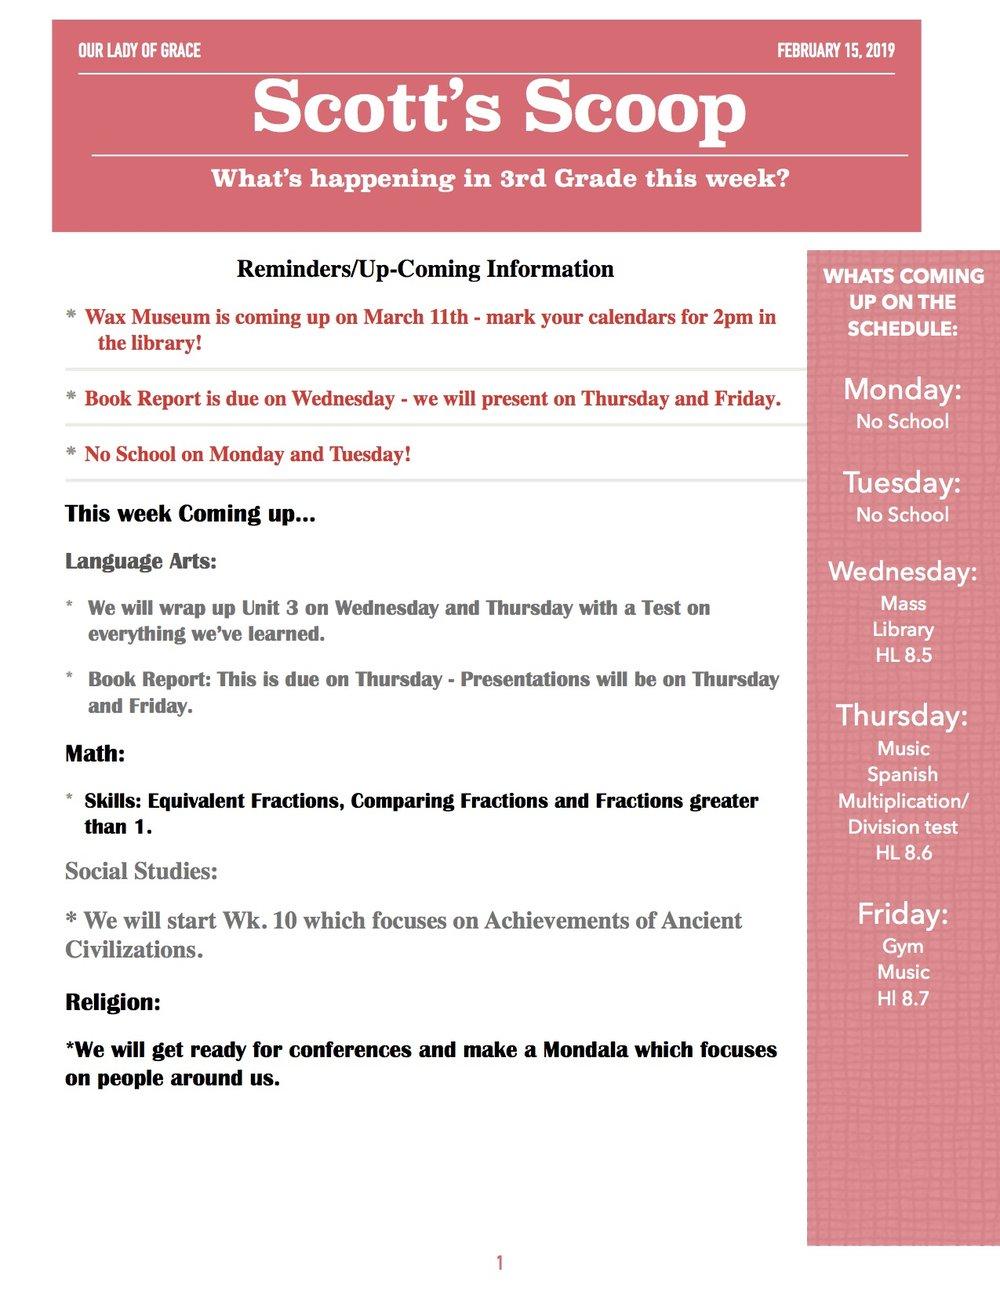 Newsletter 2.15.19 JPEG.jpg